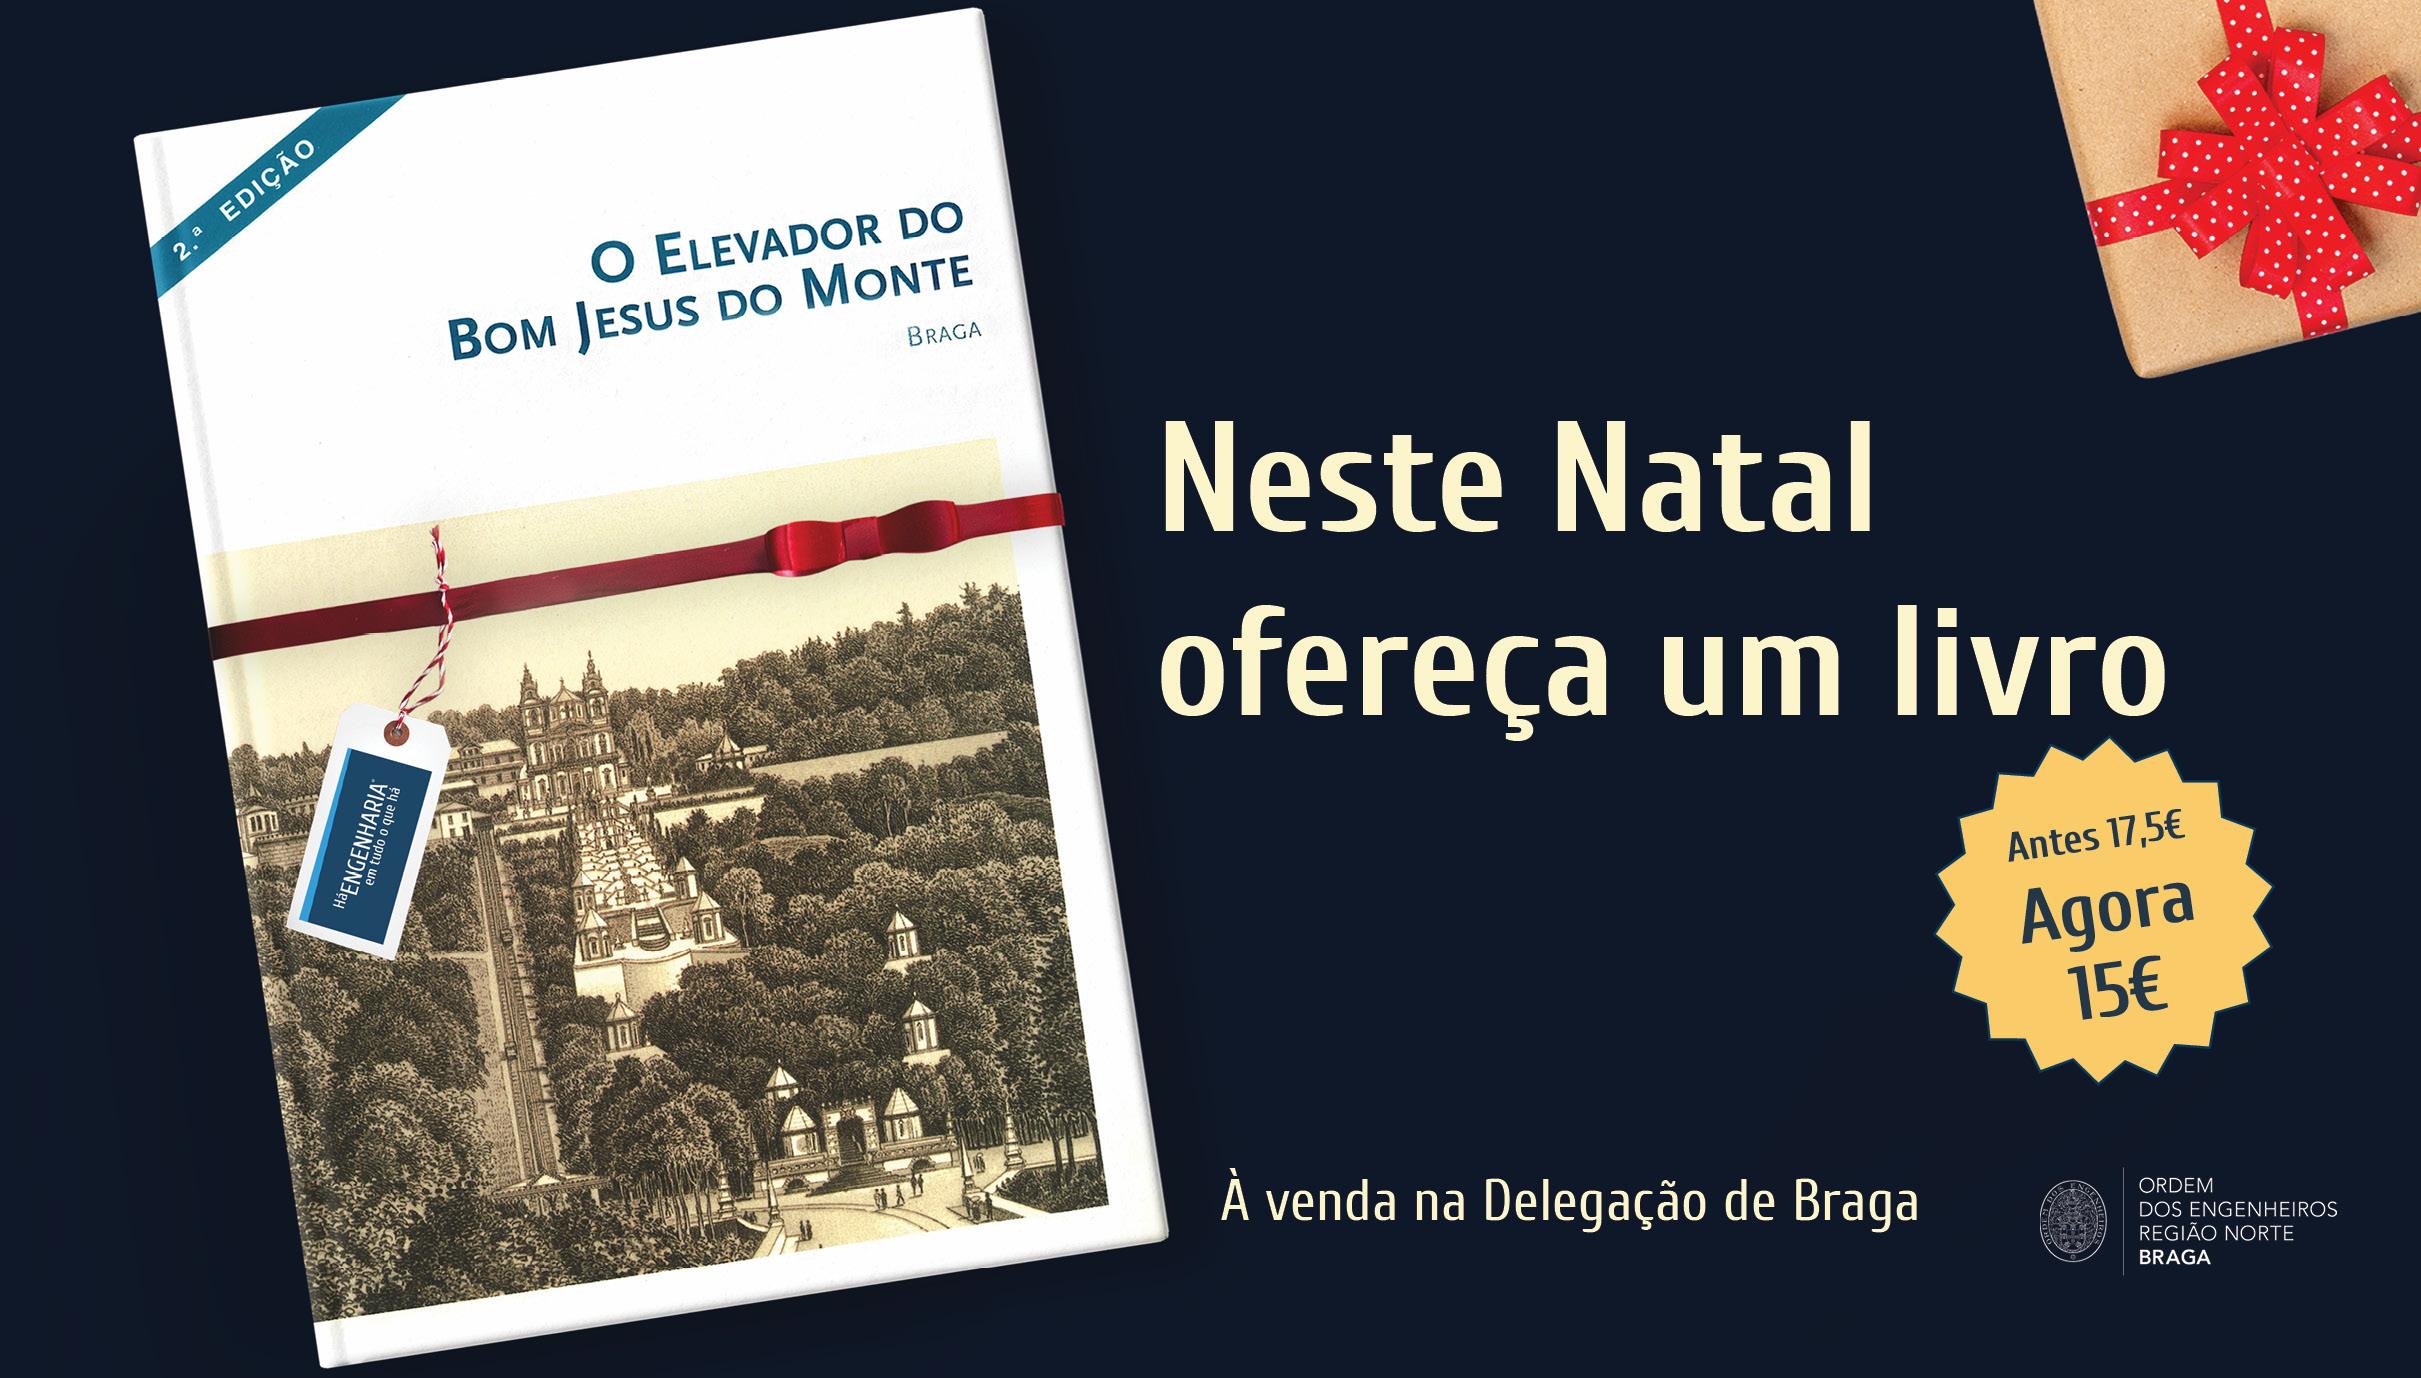 Plataforma Notícias Ordem Engenheiros Região Norte - Há livros à venda na Delegação de Braga